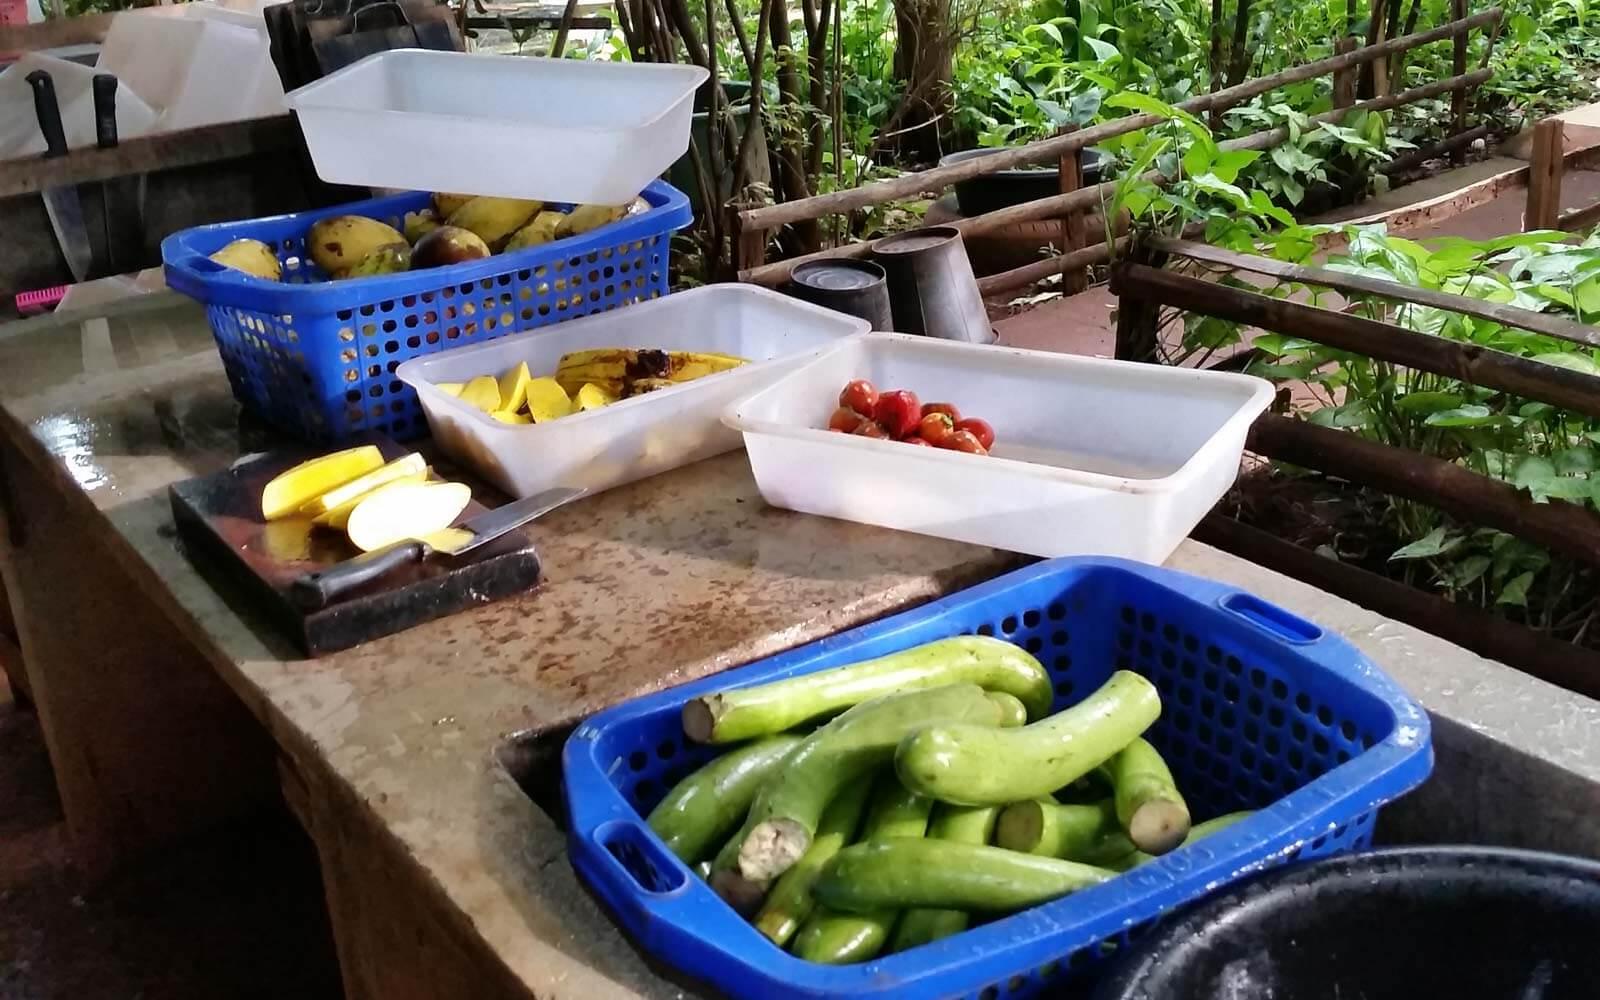 Das Futter für die Affen wird zubereitet